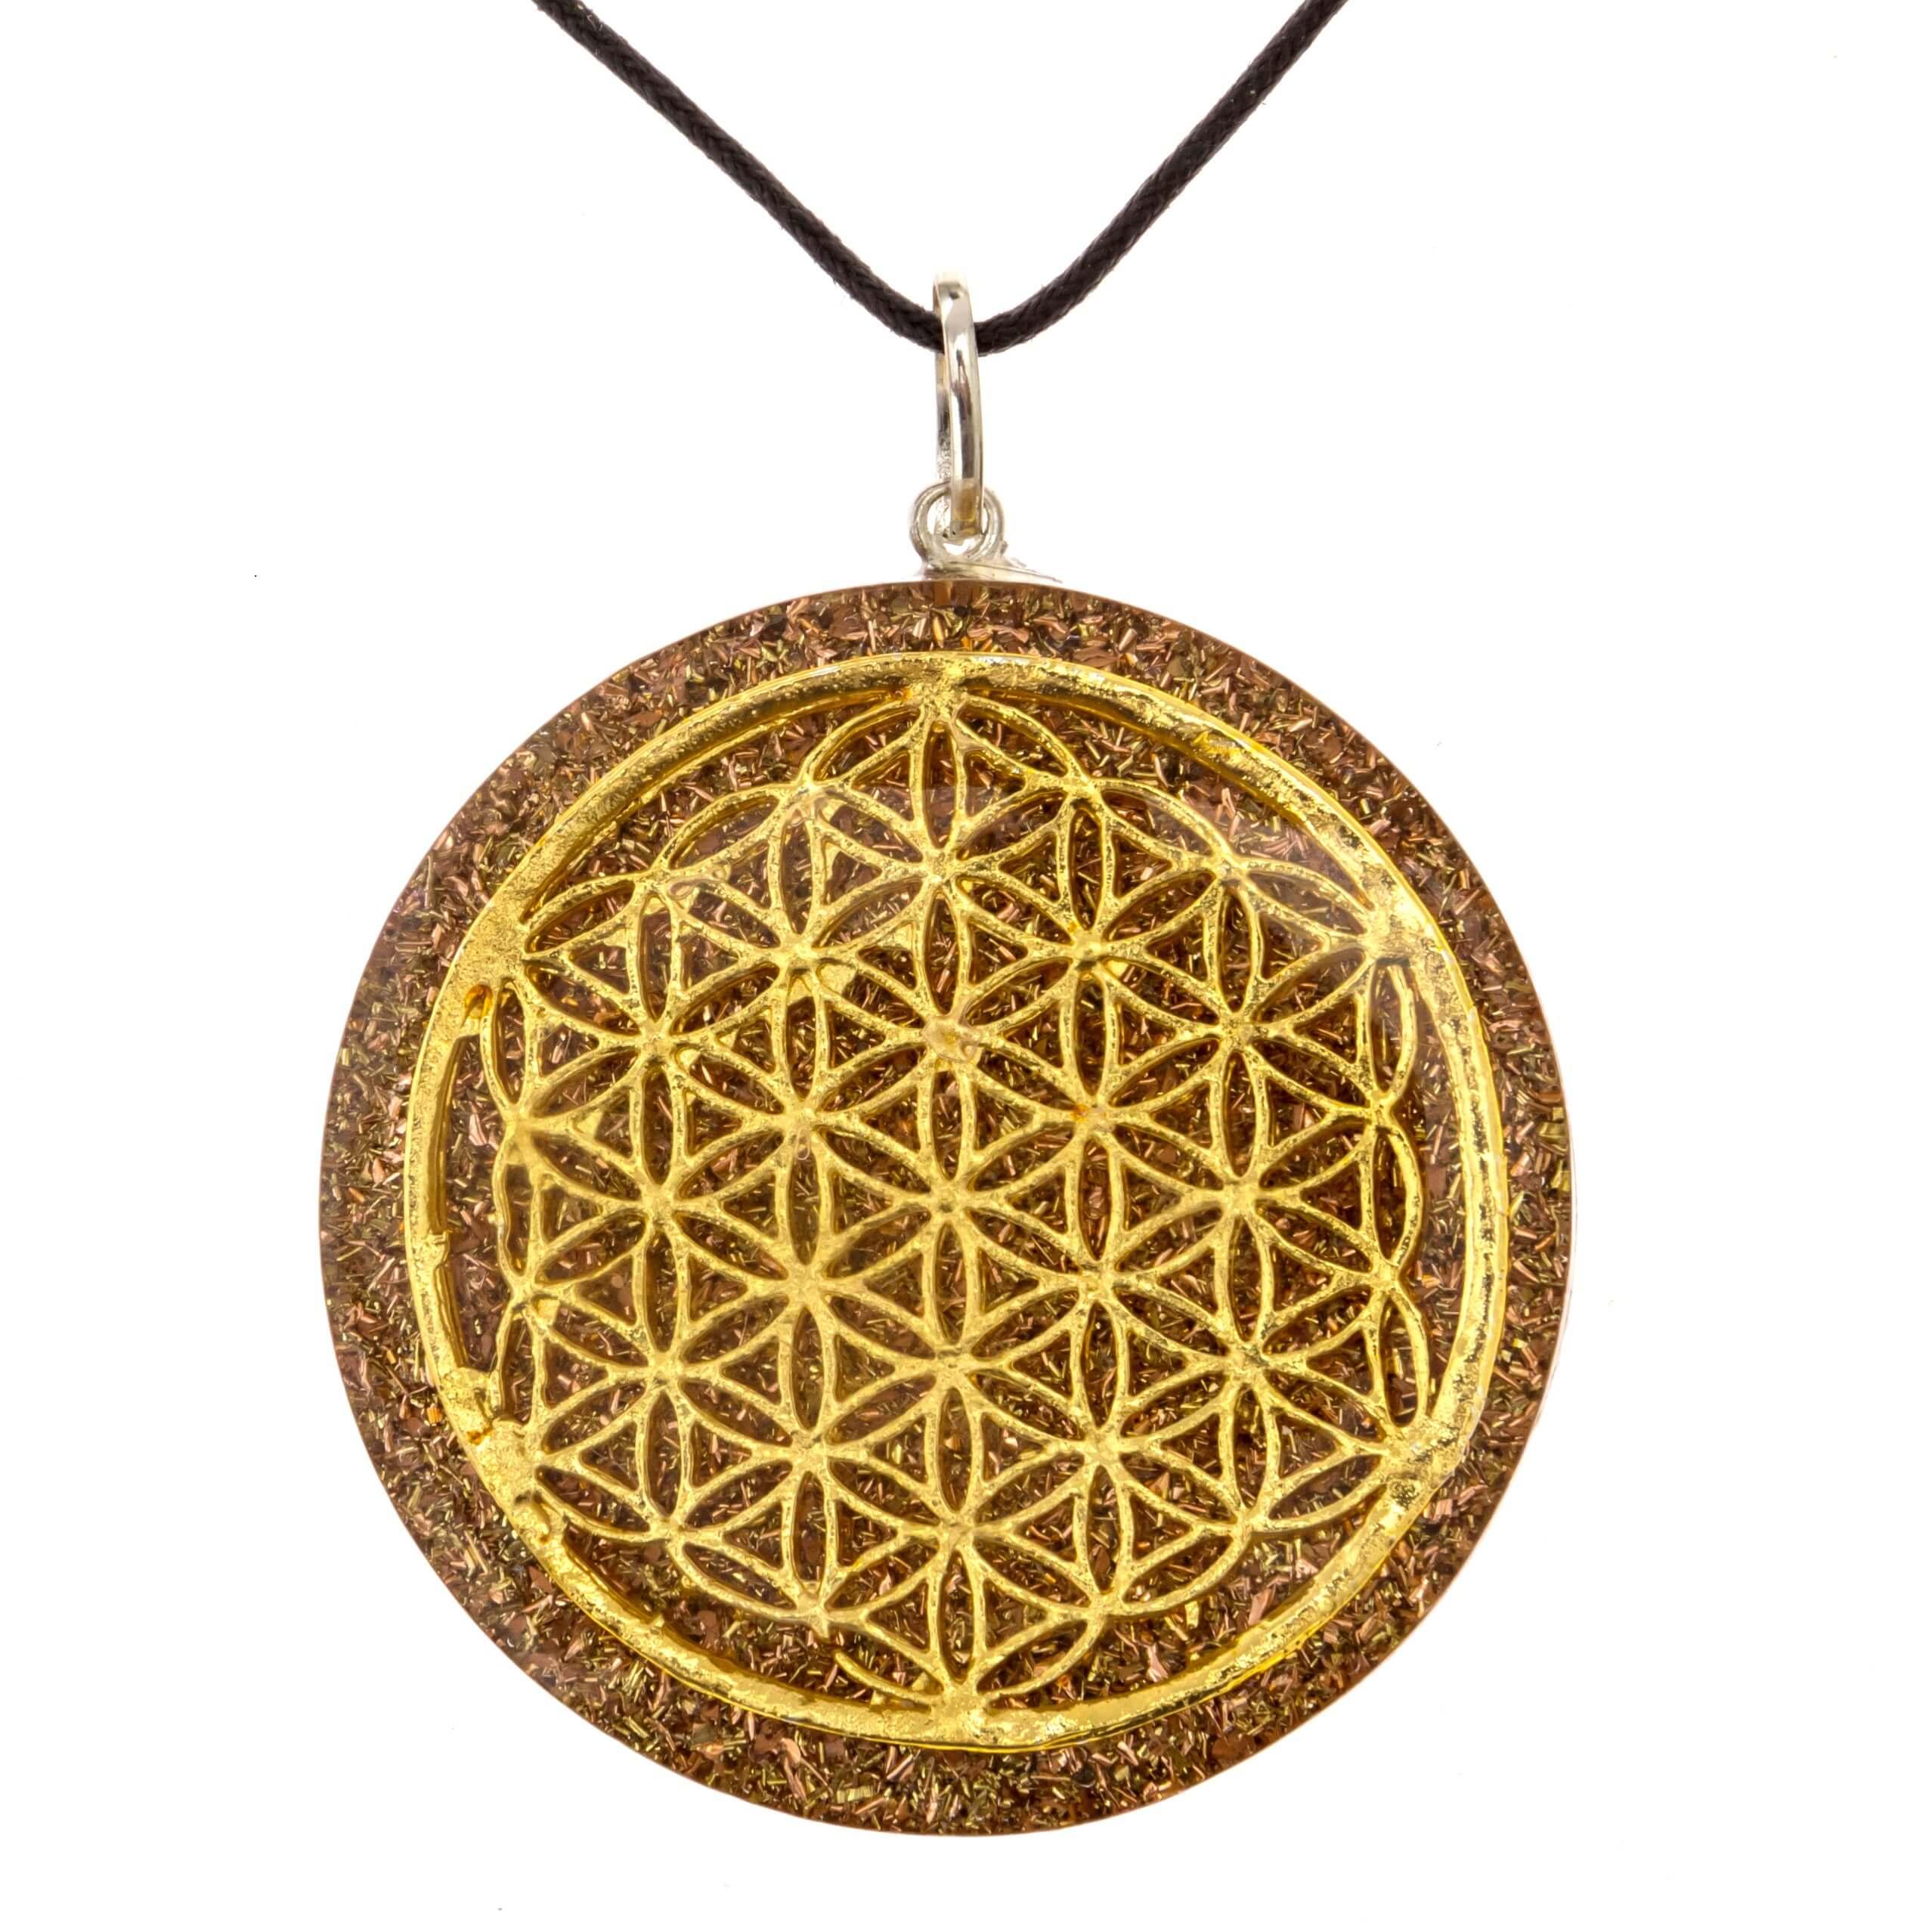 Flower of life orgone pendant for sale ralieva flower of life orgone pendant aloadofball Images